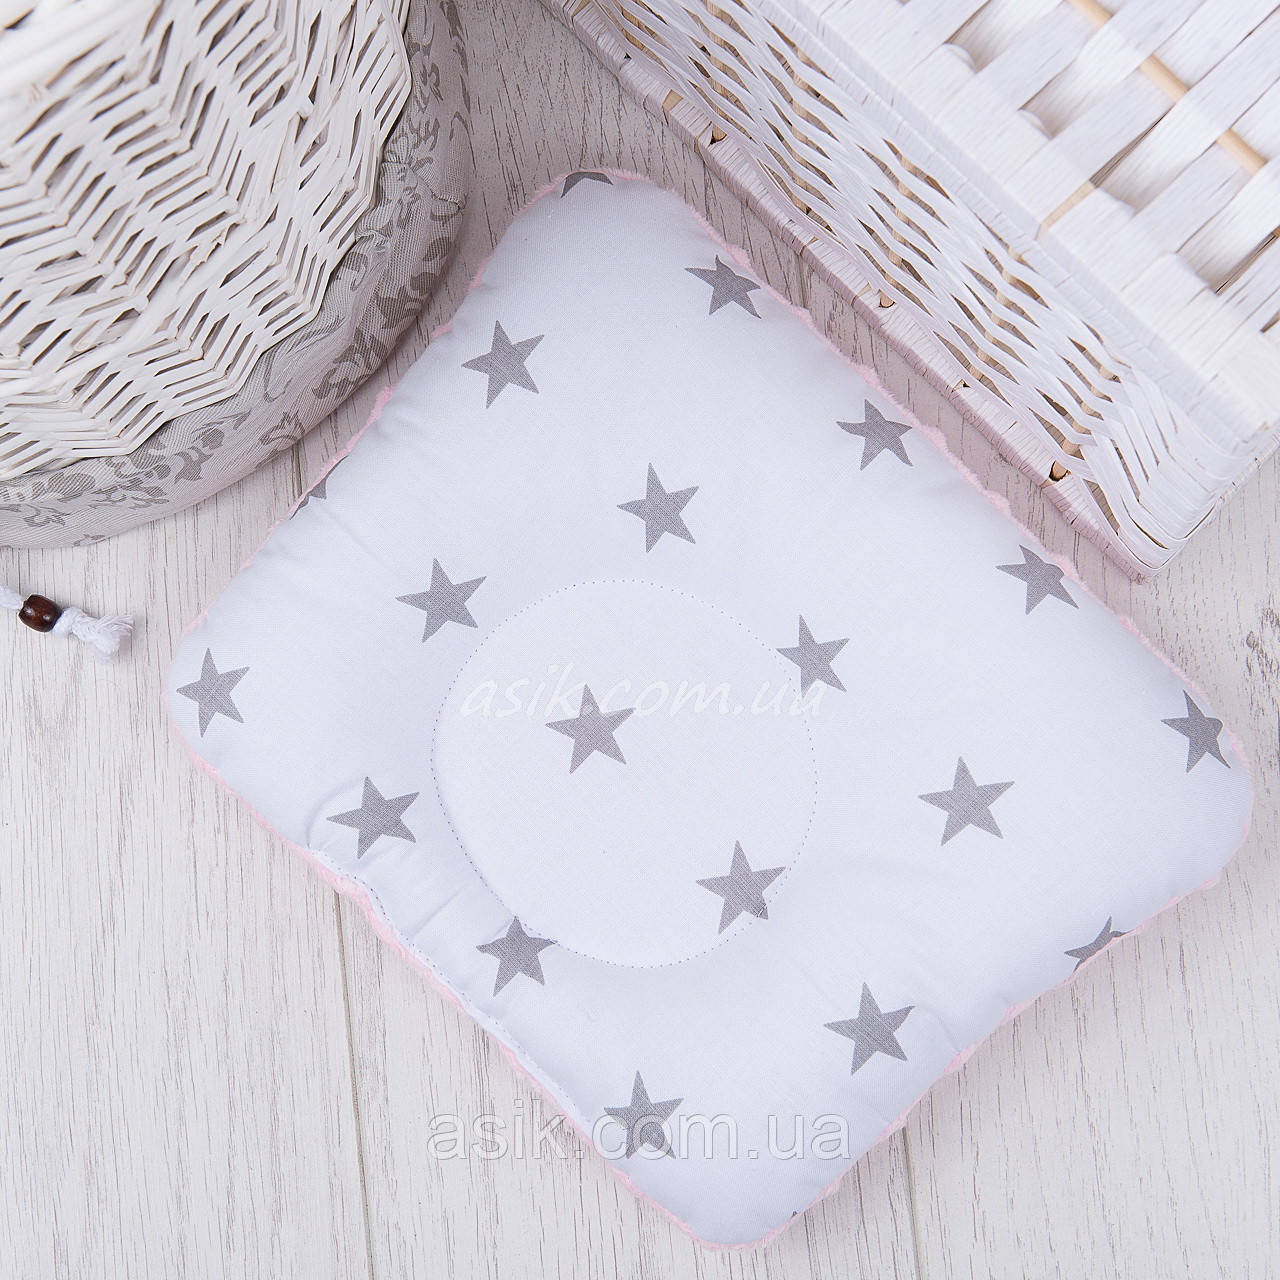 Подушка для новорожденных с плюшем, бело-розовая, с серыми звёздами на белом